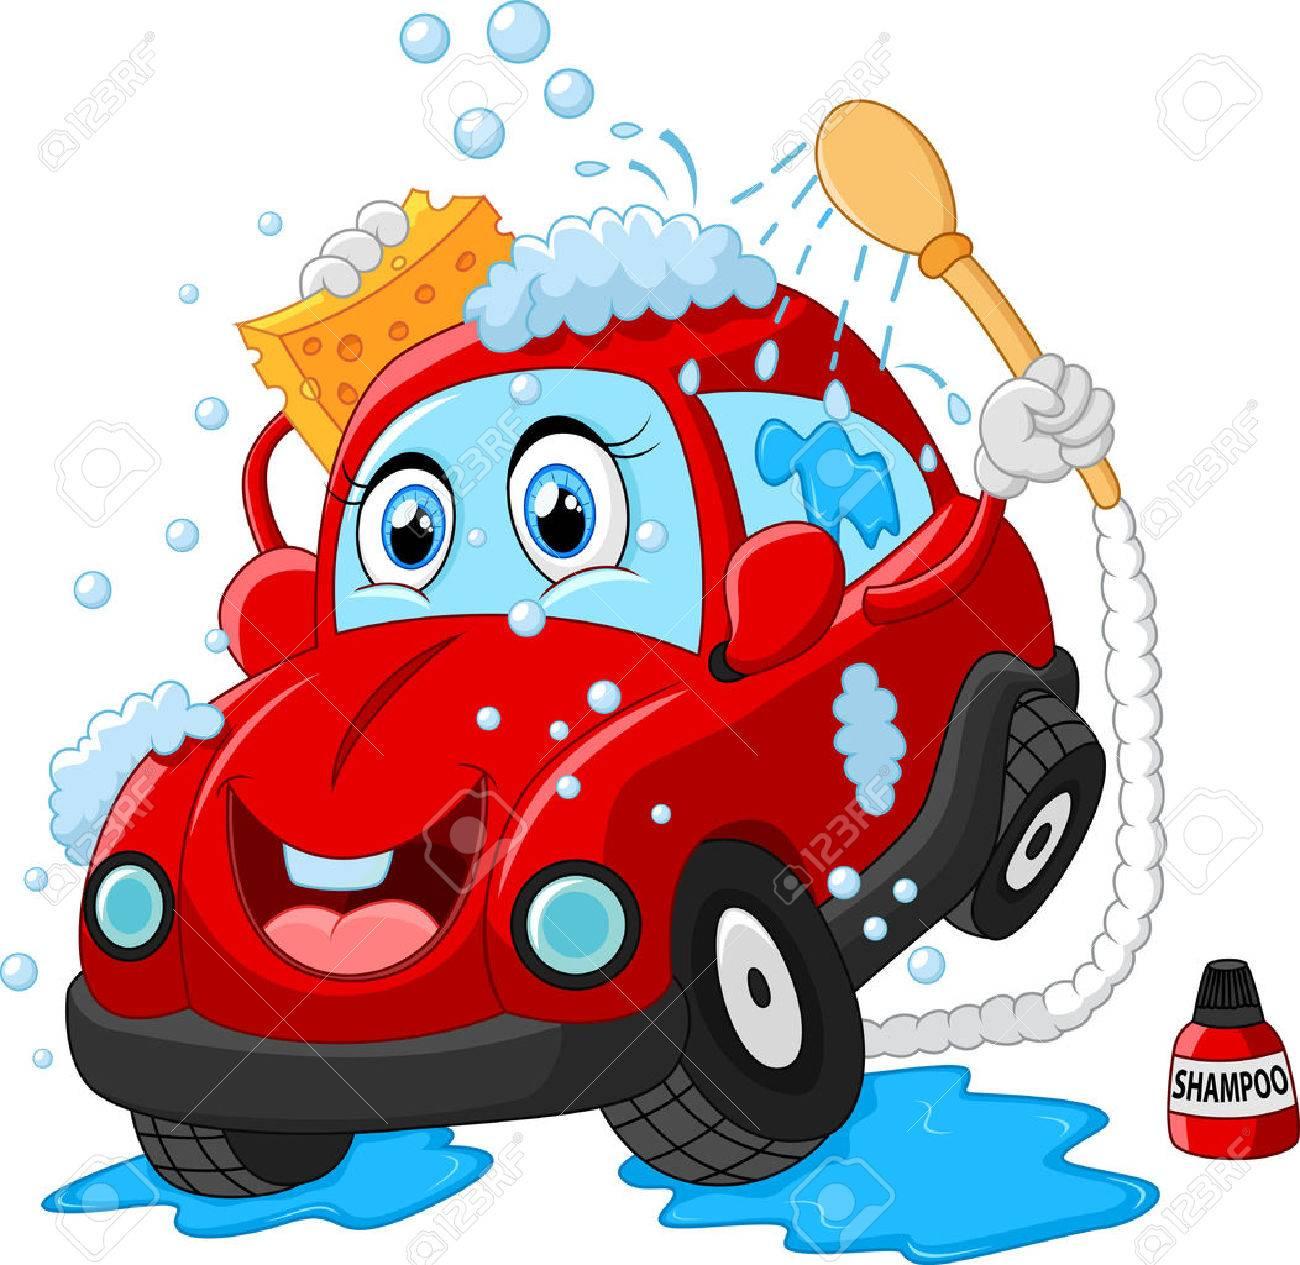 Cartoon Car Wash Character Royalty Free Cliparts, Vectors, And ...